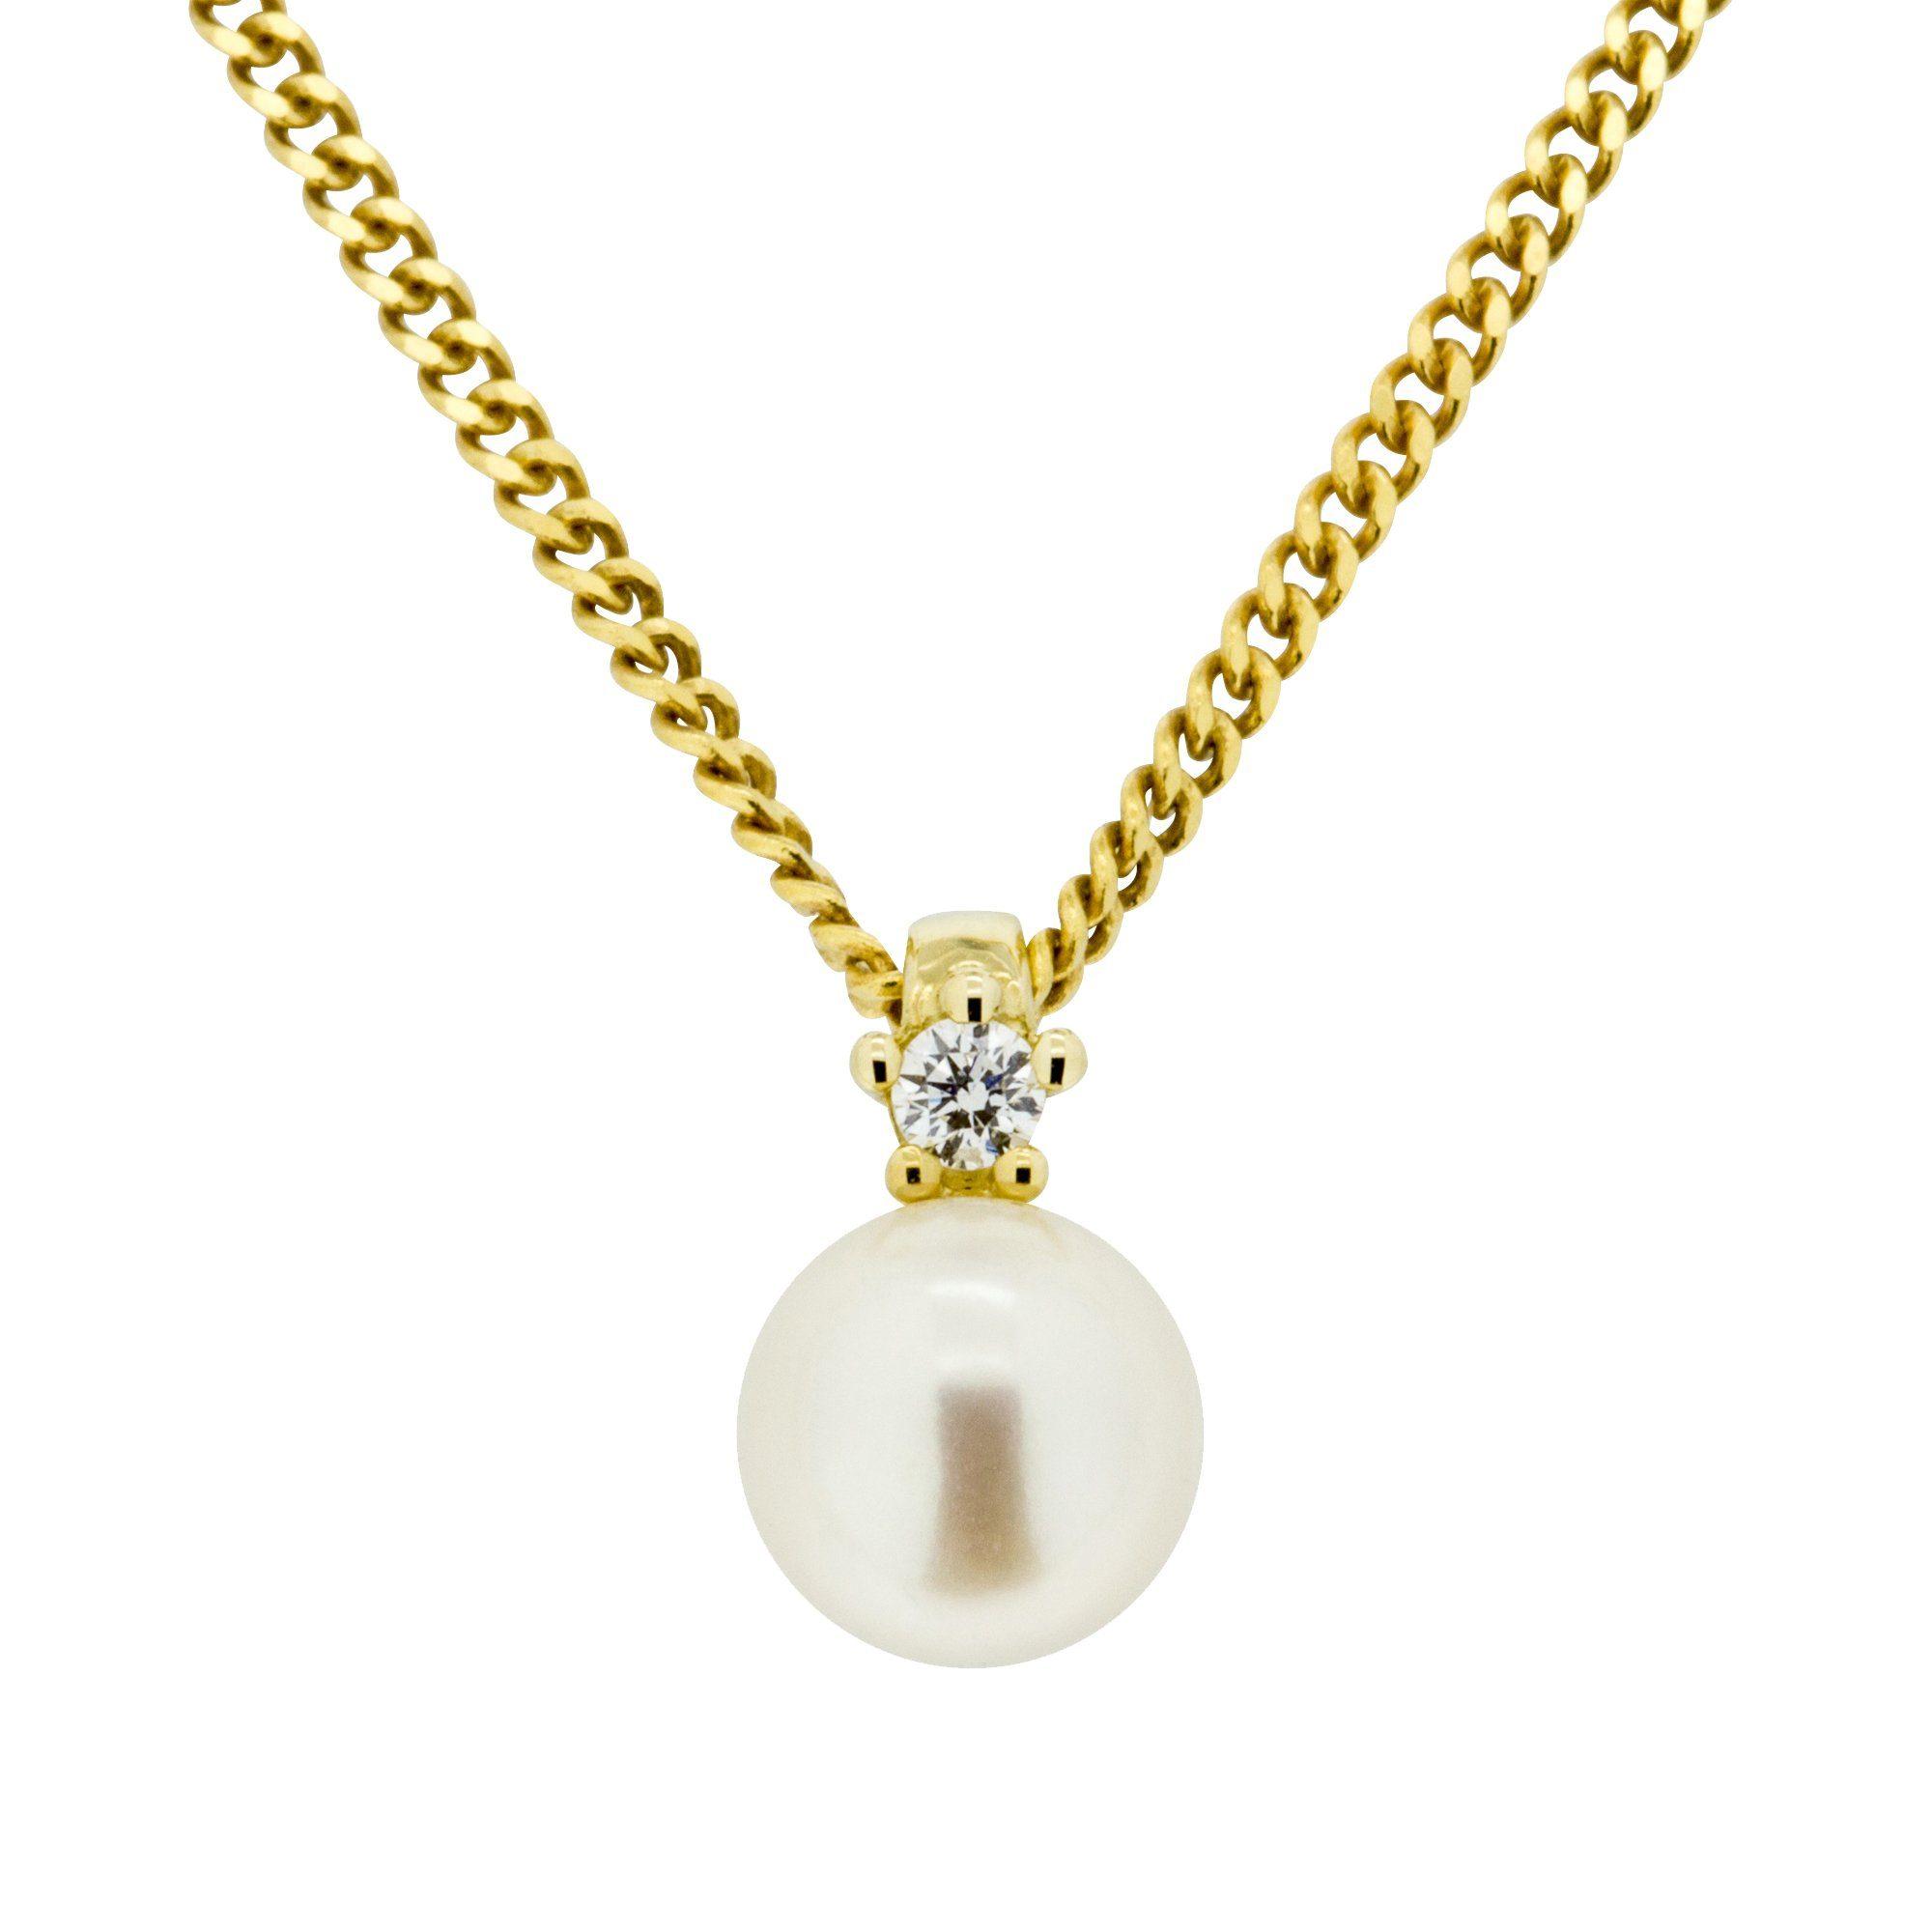 Orolino Anhänger mit Kette »585/- Gelbgold Brillant + Perle«